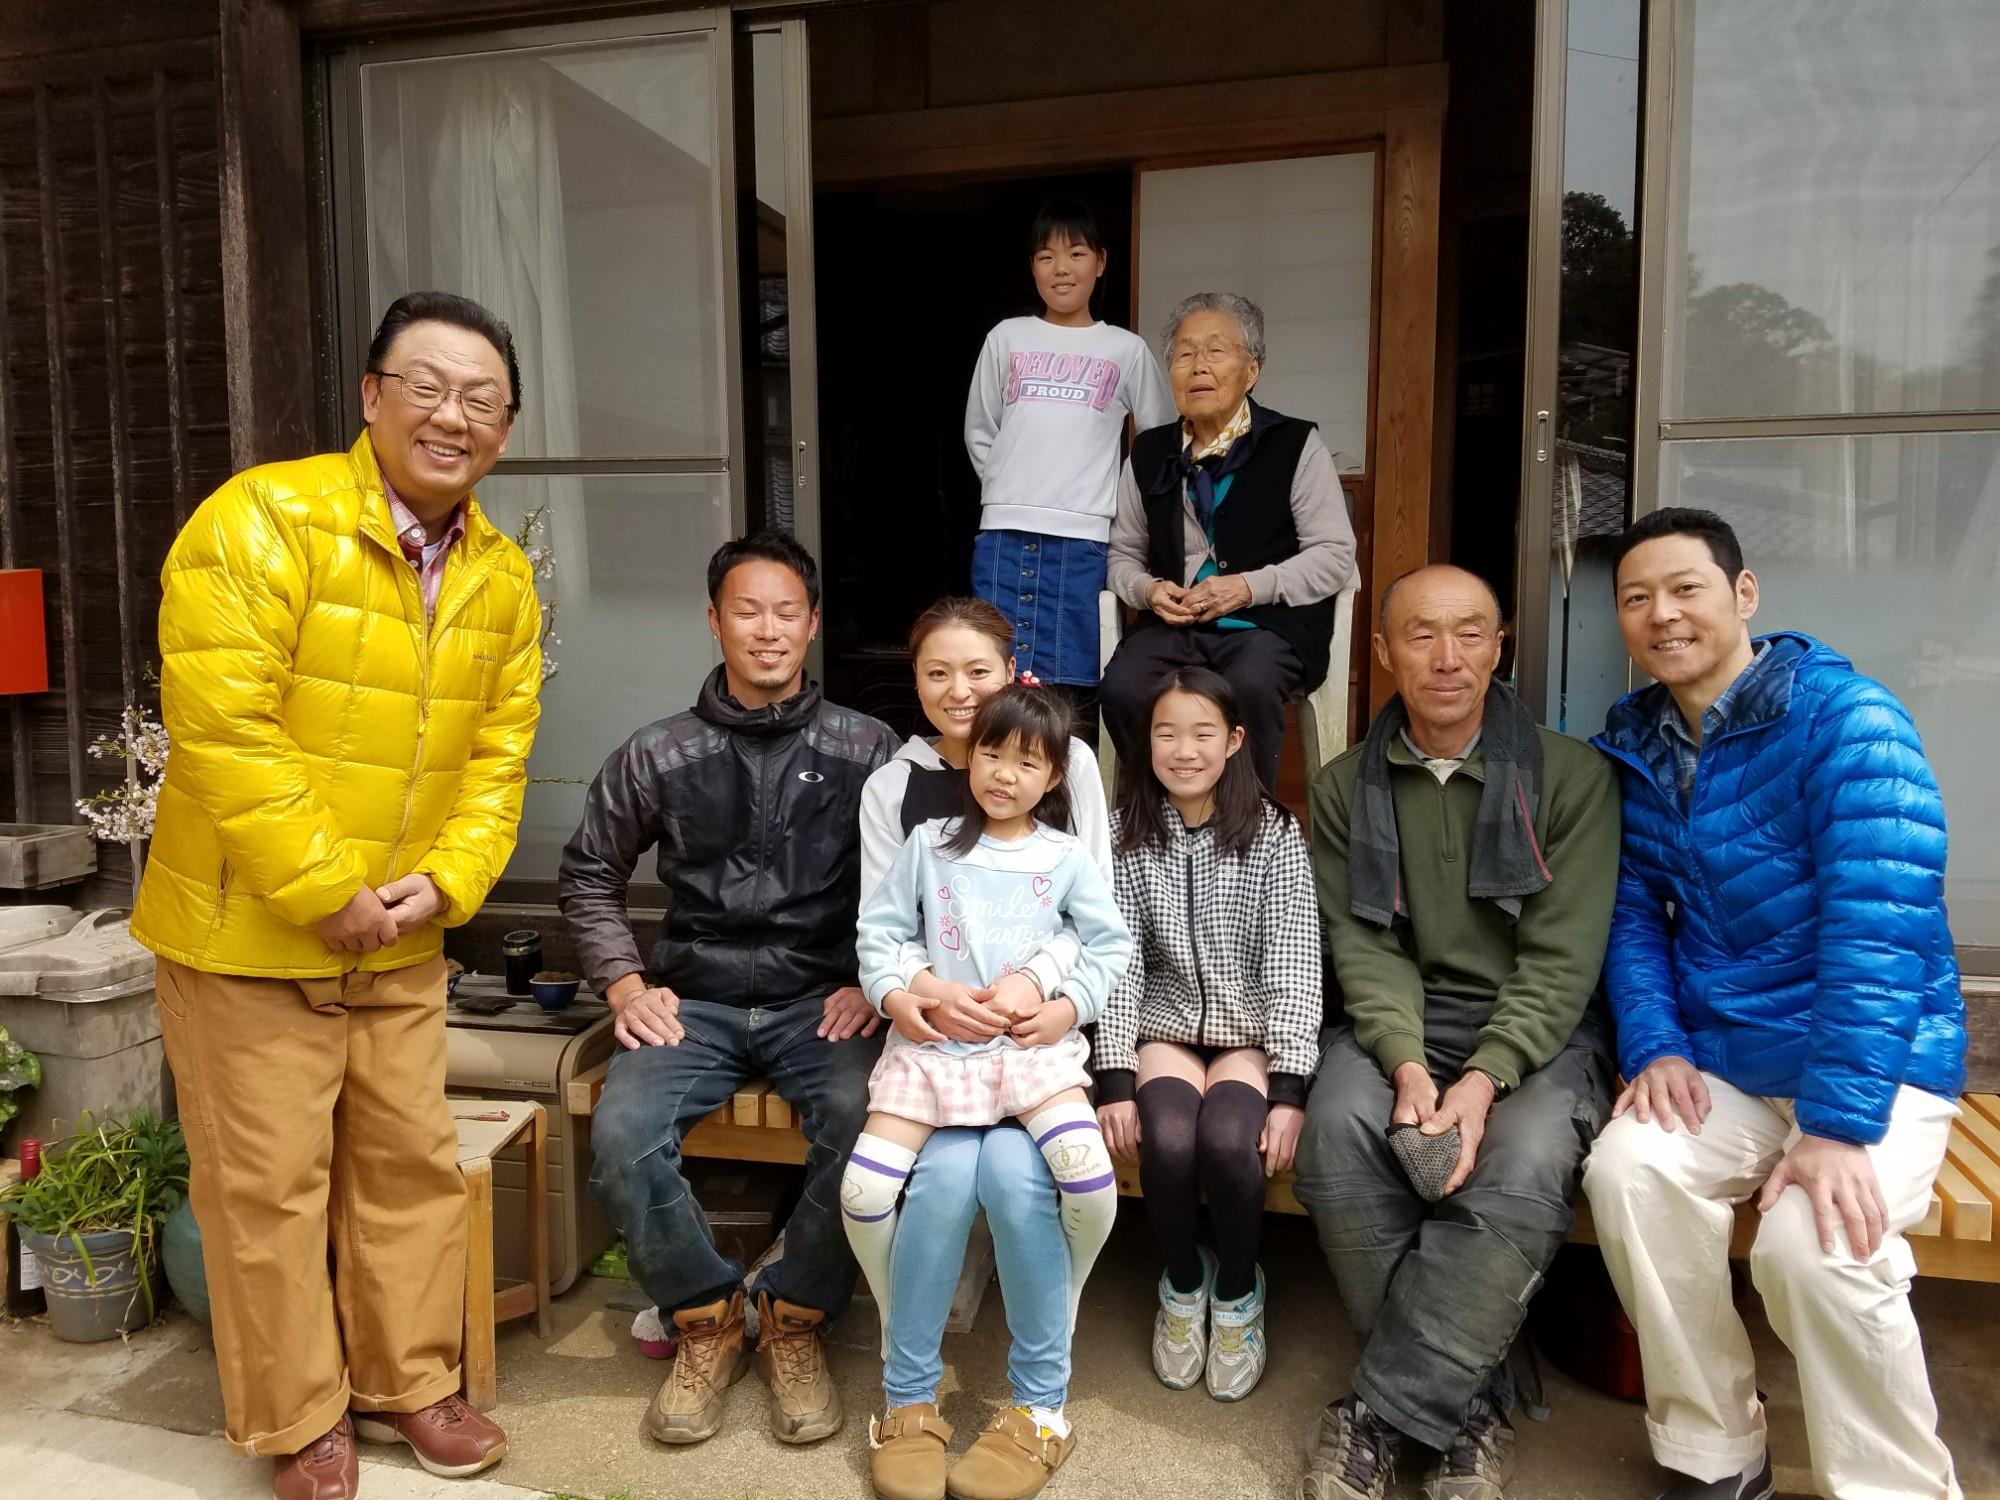 「梅沢富美男と東野幸治のまんぷく農家メシ」にて出演させて頂きます。